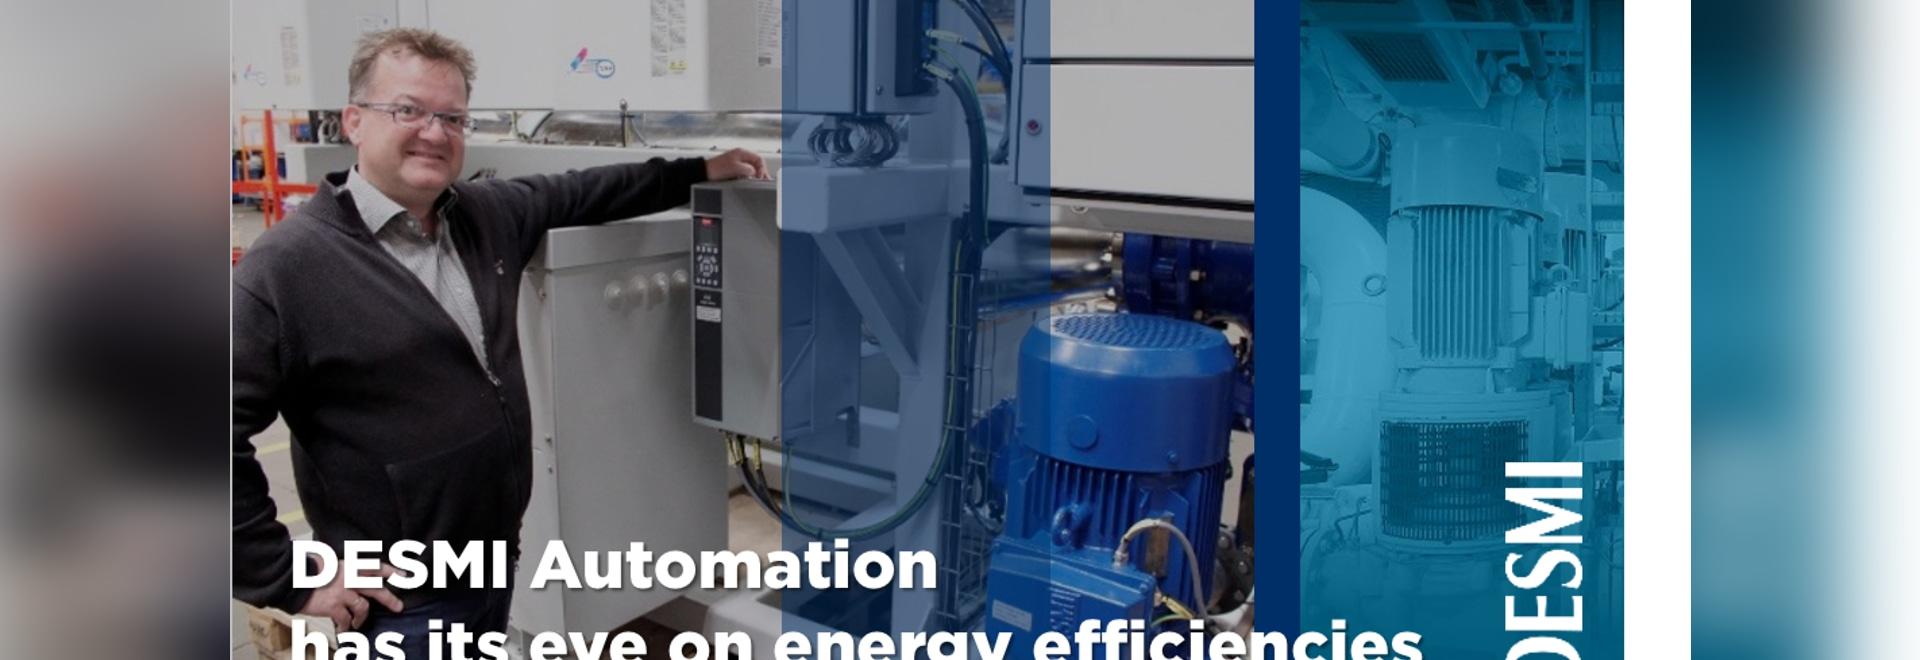 DESMI-Automatisierung hat sein Auge auf Energieeffizienzen